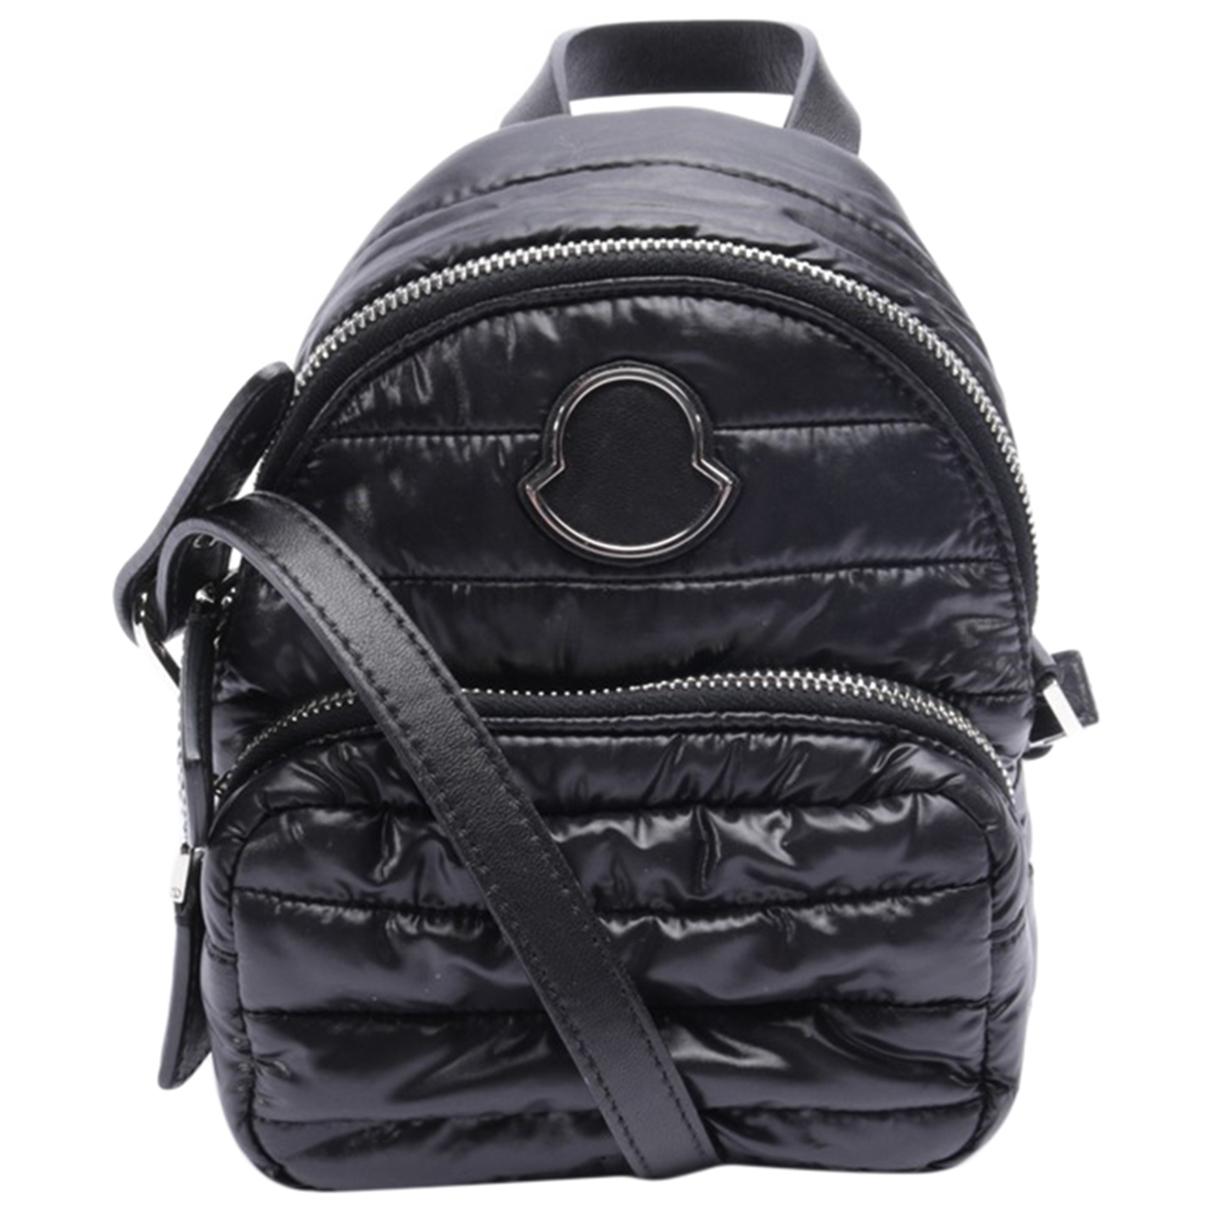 Moncler \N Handtasche in  Schwarz Synthetik